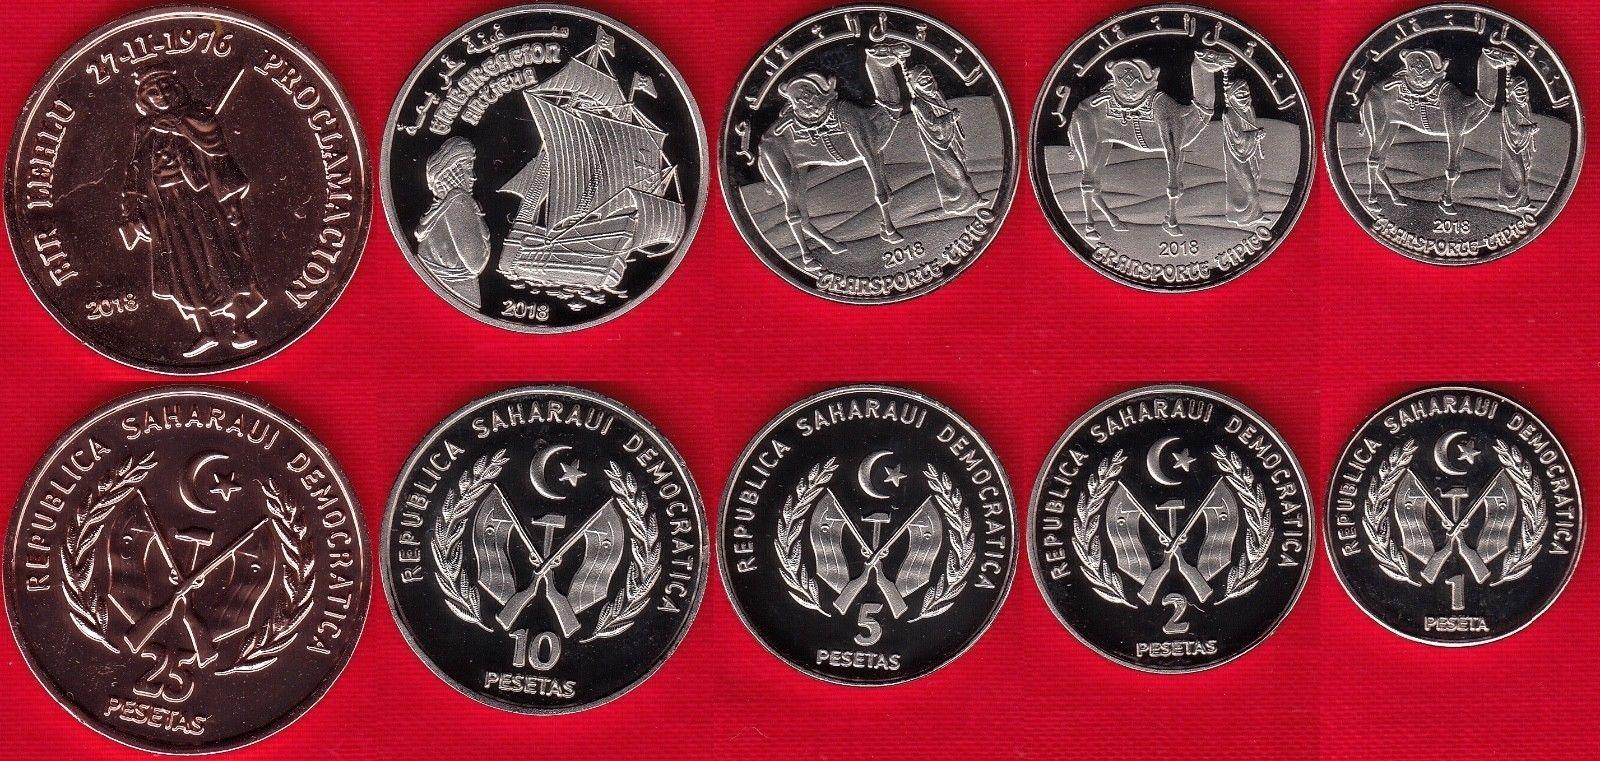 SAHARAWI SAHARA ZACHODNIA zestaw 5 monet 2018